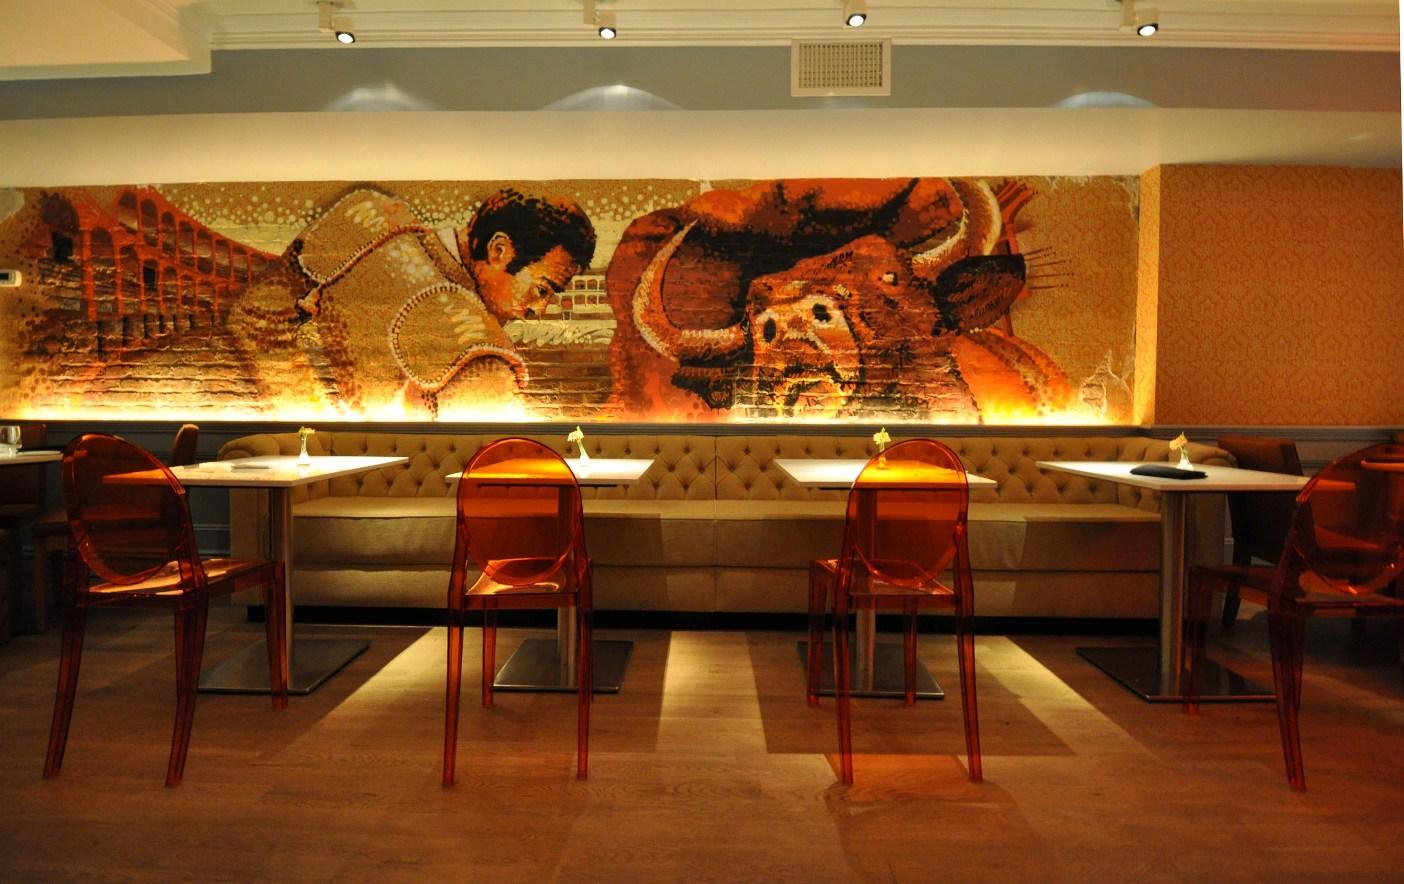 GRAFFIT_dining mural.jpg